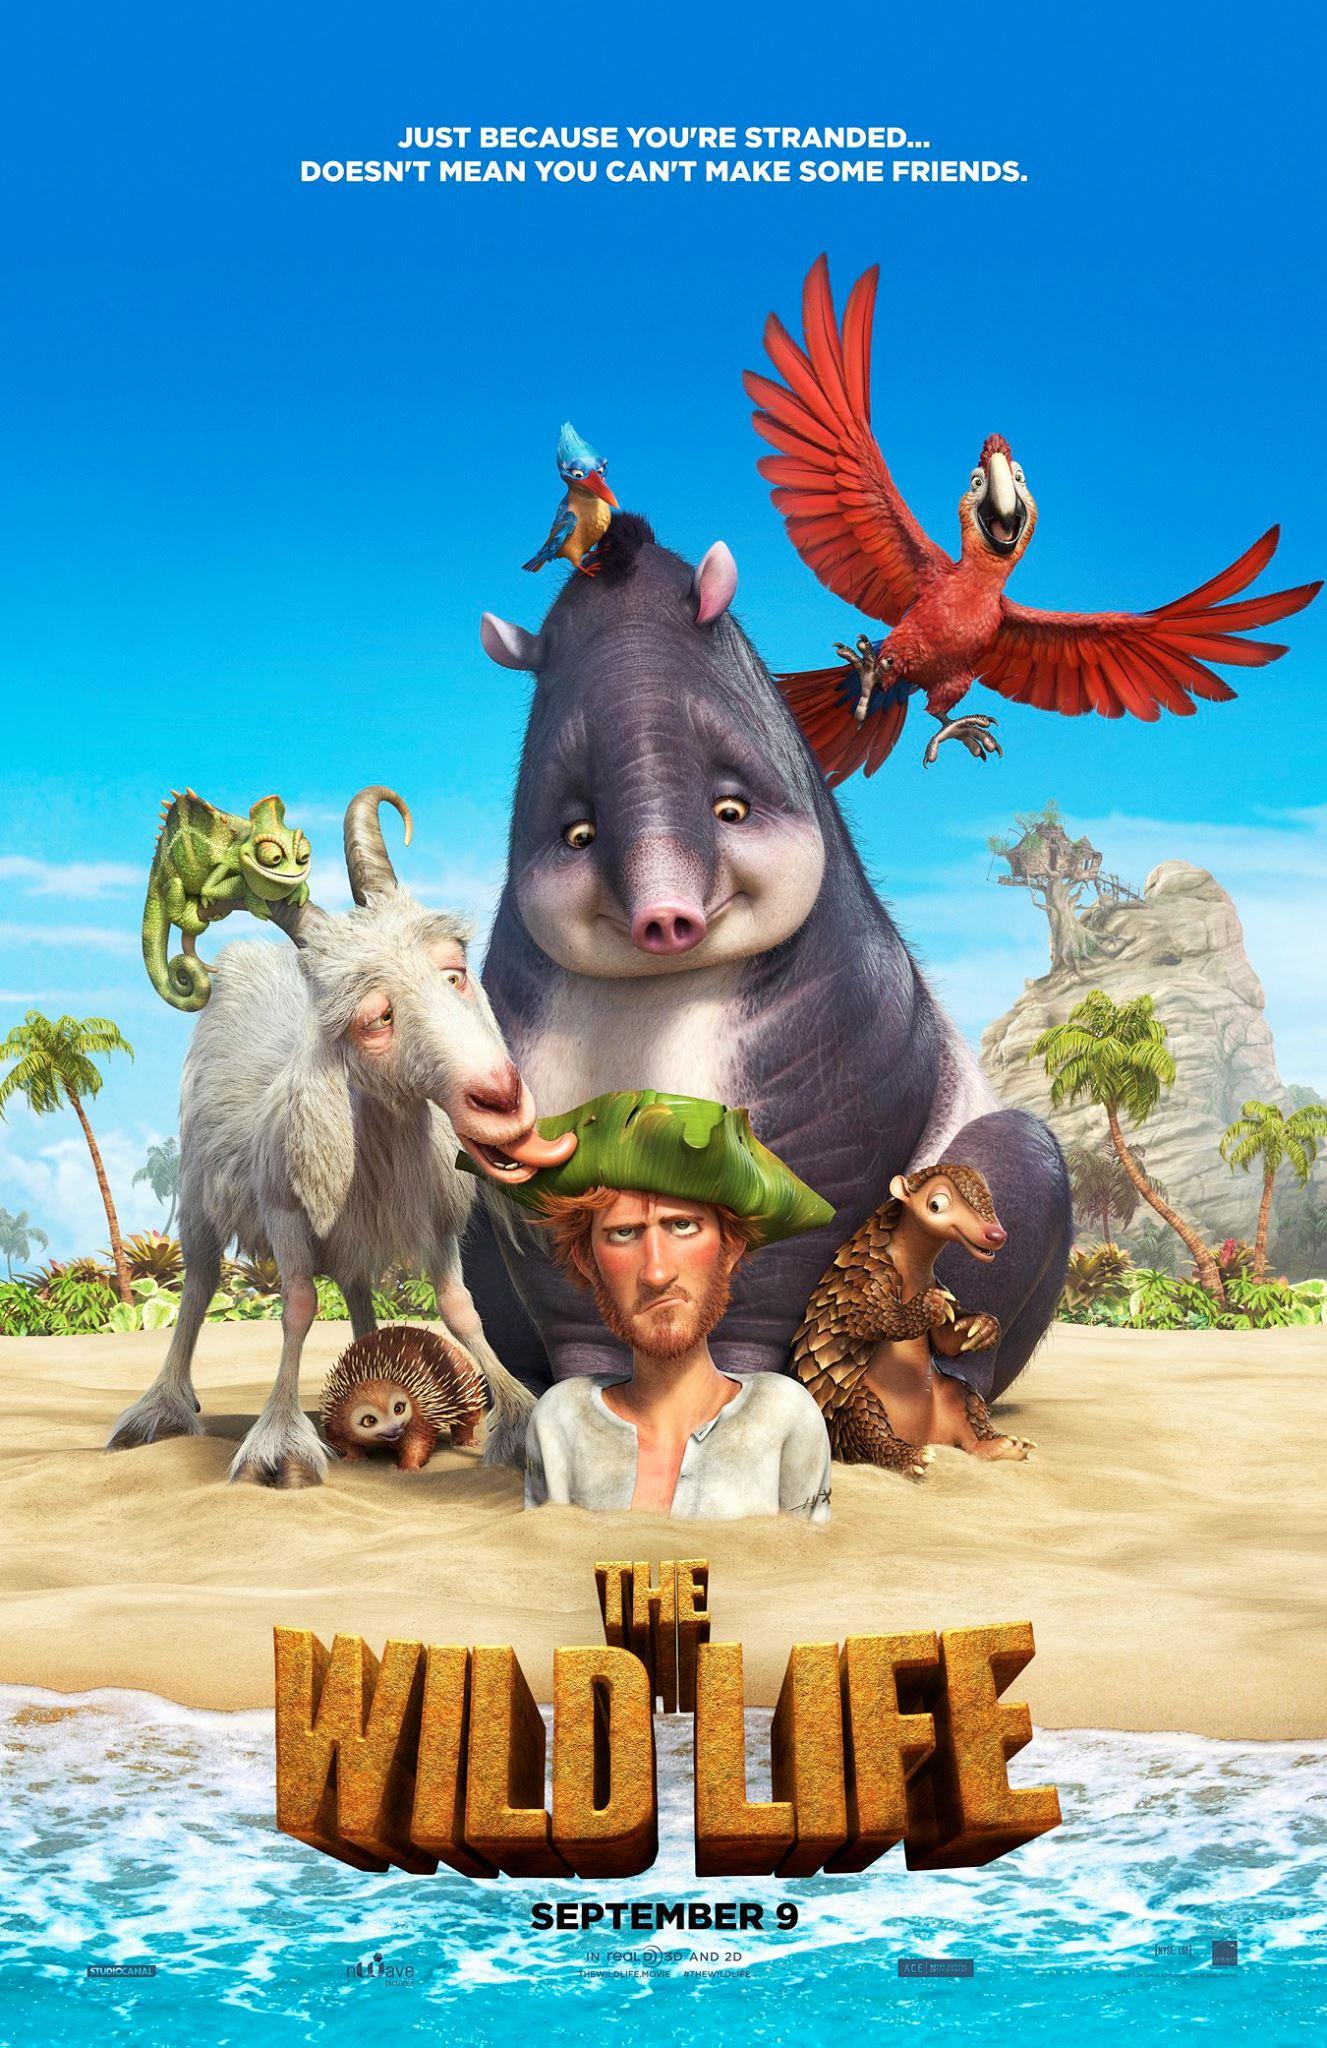 Robinson crusoe thai movie - 2 part 3